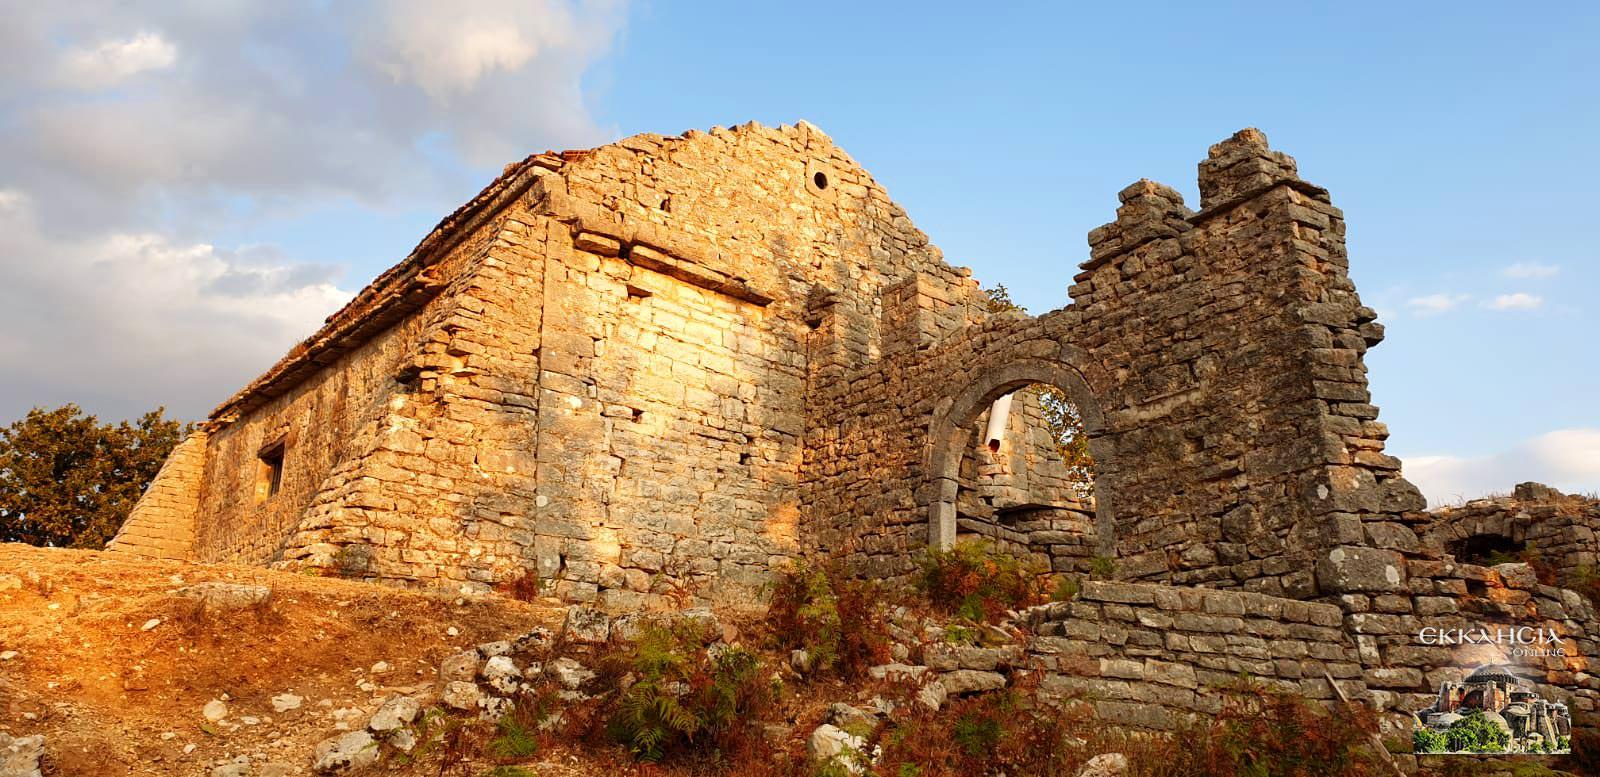 Αναστηλώνονται ερειπωμένες ιστορικές μονές της Χειμμάρας